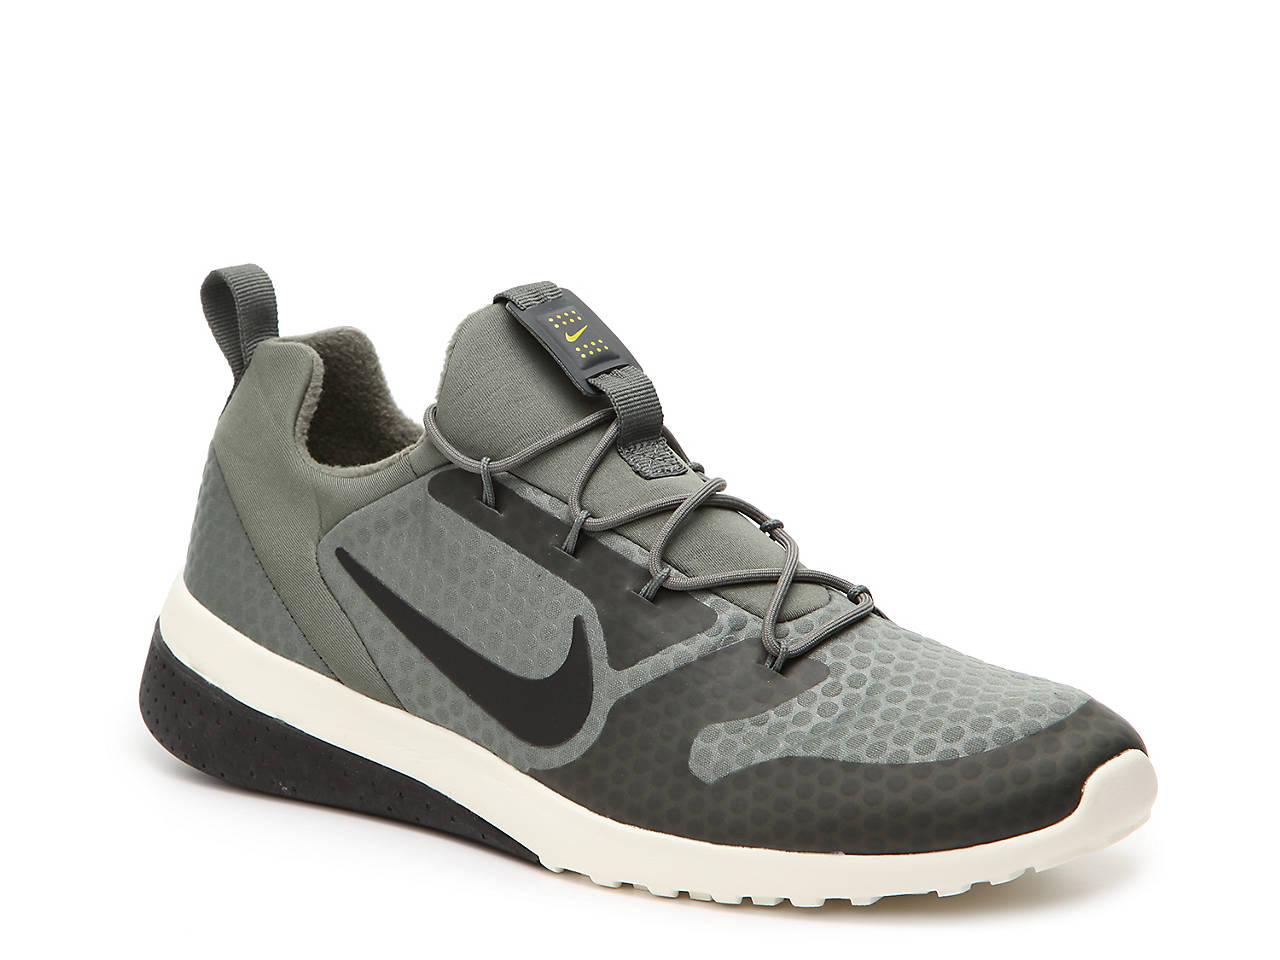 Nike Hombres Ck Racer zapatilla Hombres Hombres Nike Zapatos Dsw 6eba83